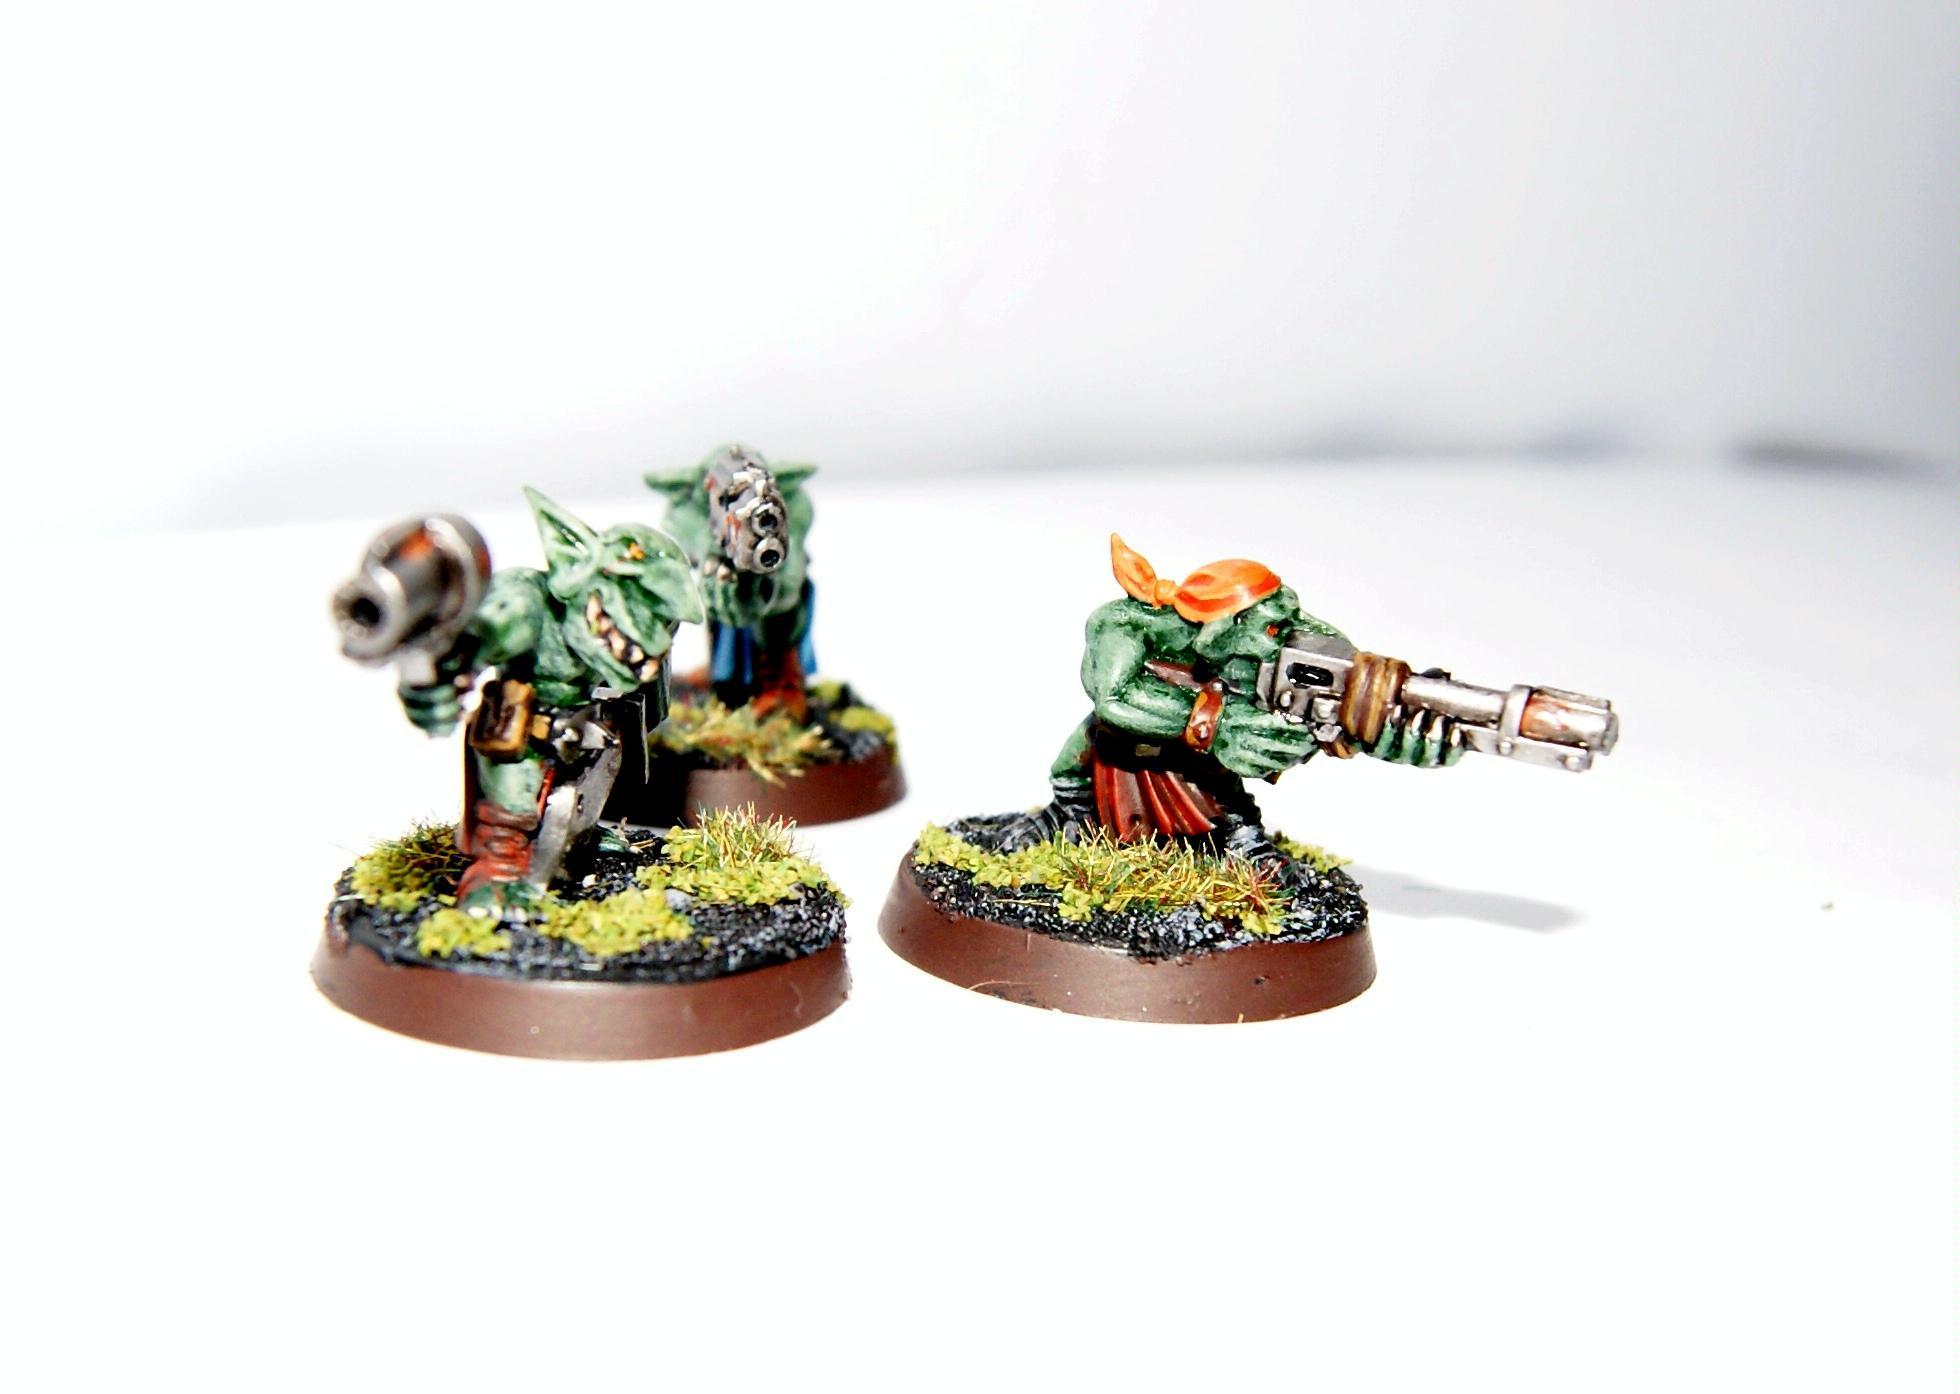 Grot Rebellion, Grot Rebels, Grots, Orks, Warhammer 40,000